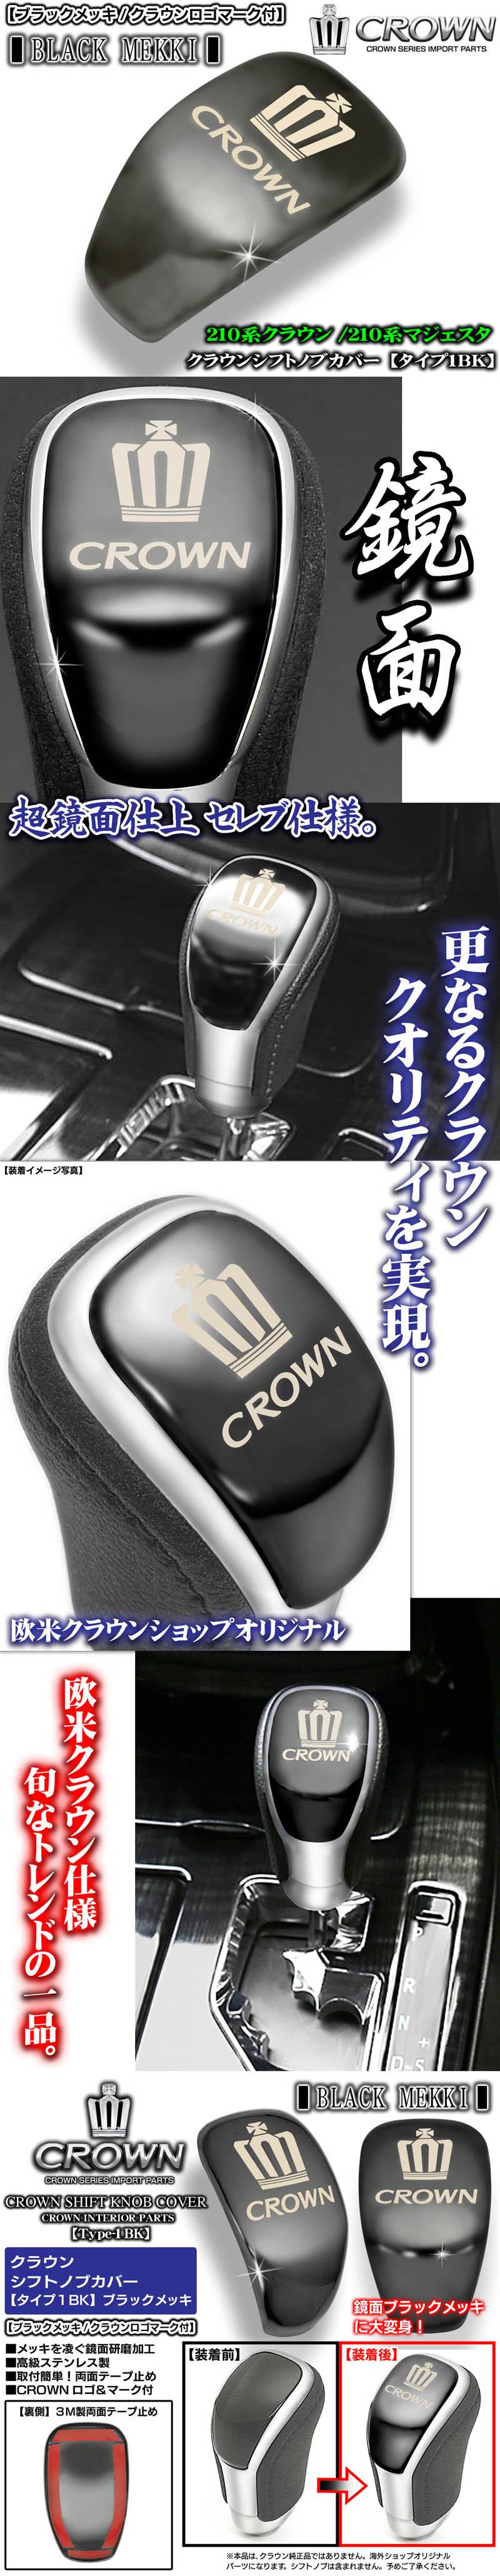 210系クラウン/マジェスタ【ブラックメッキ】シフトノブカバー[タイプ1BK]欧米ショップオリジナル社外品/ブラガ